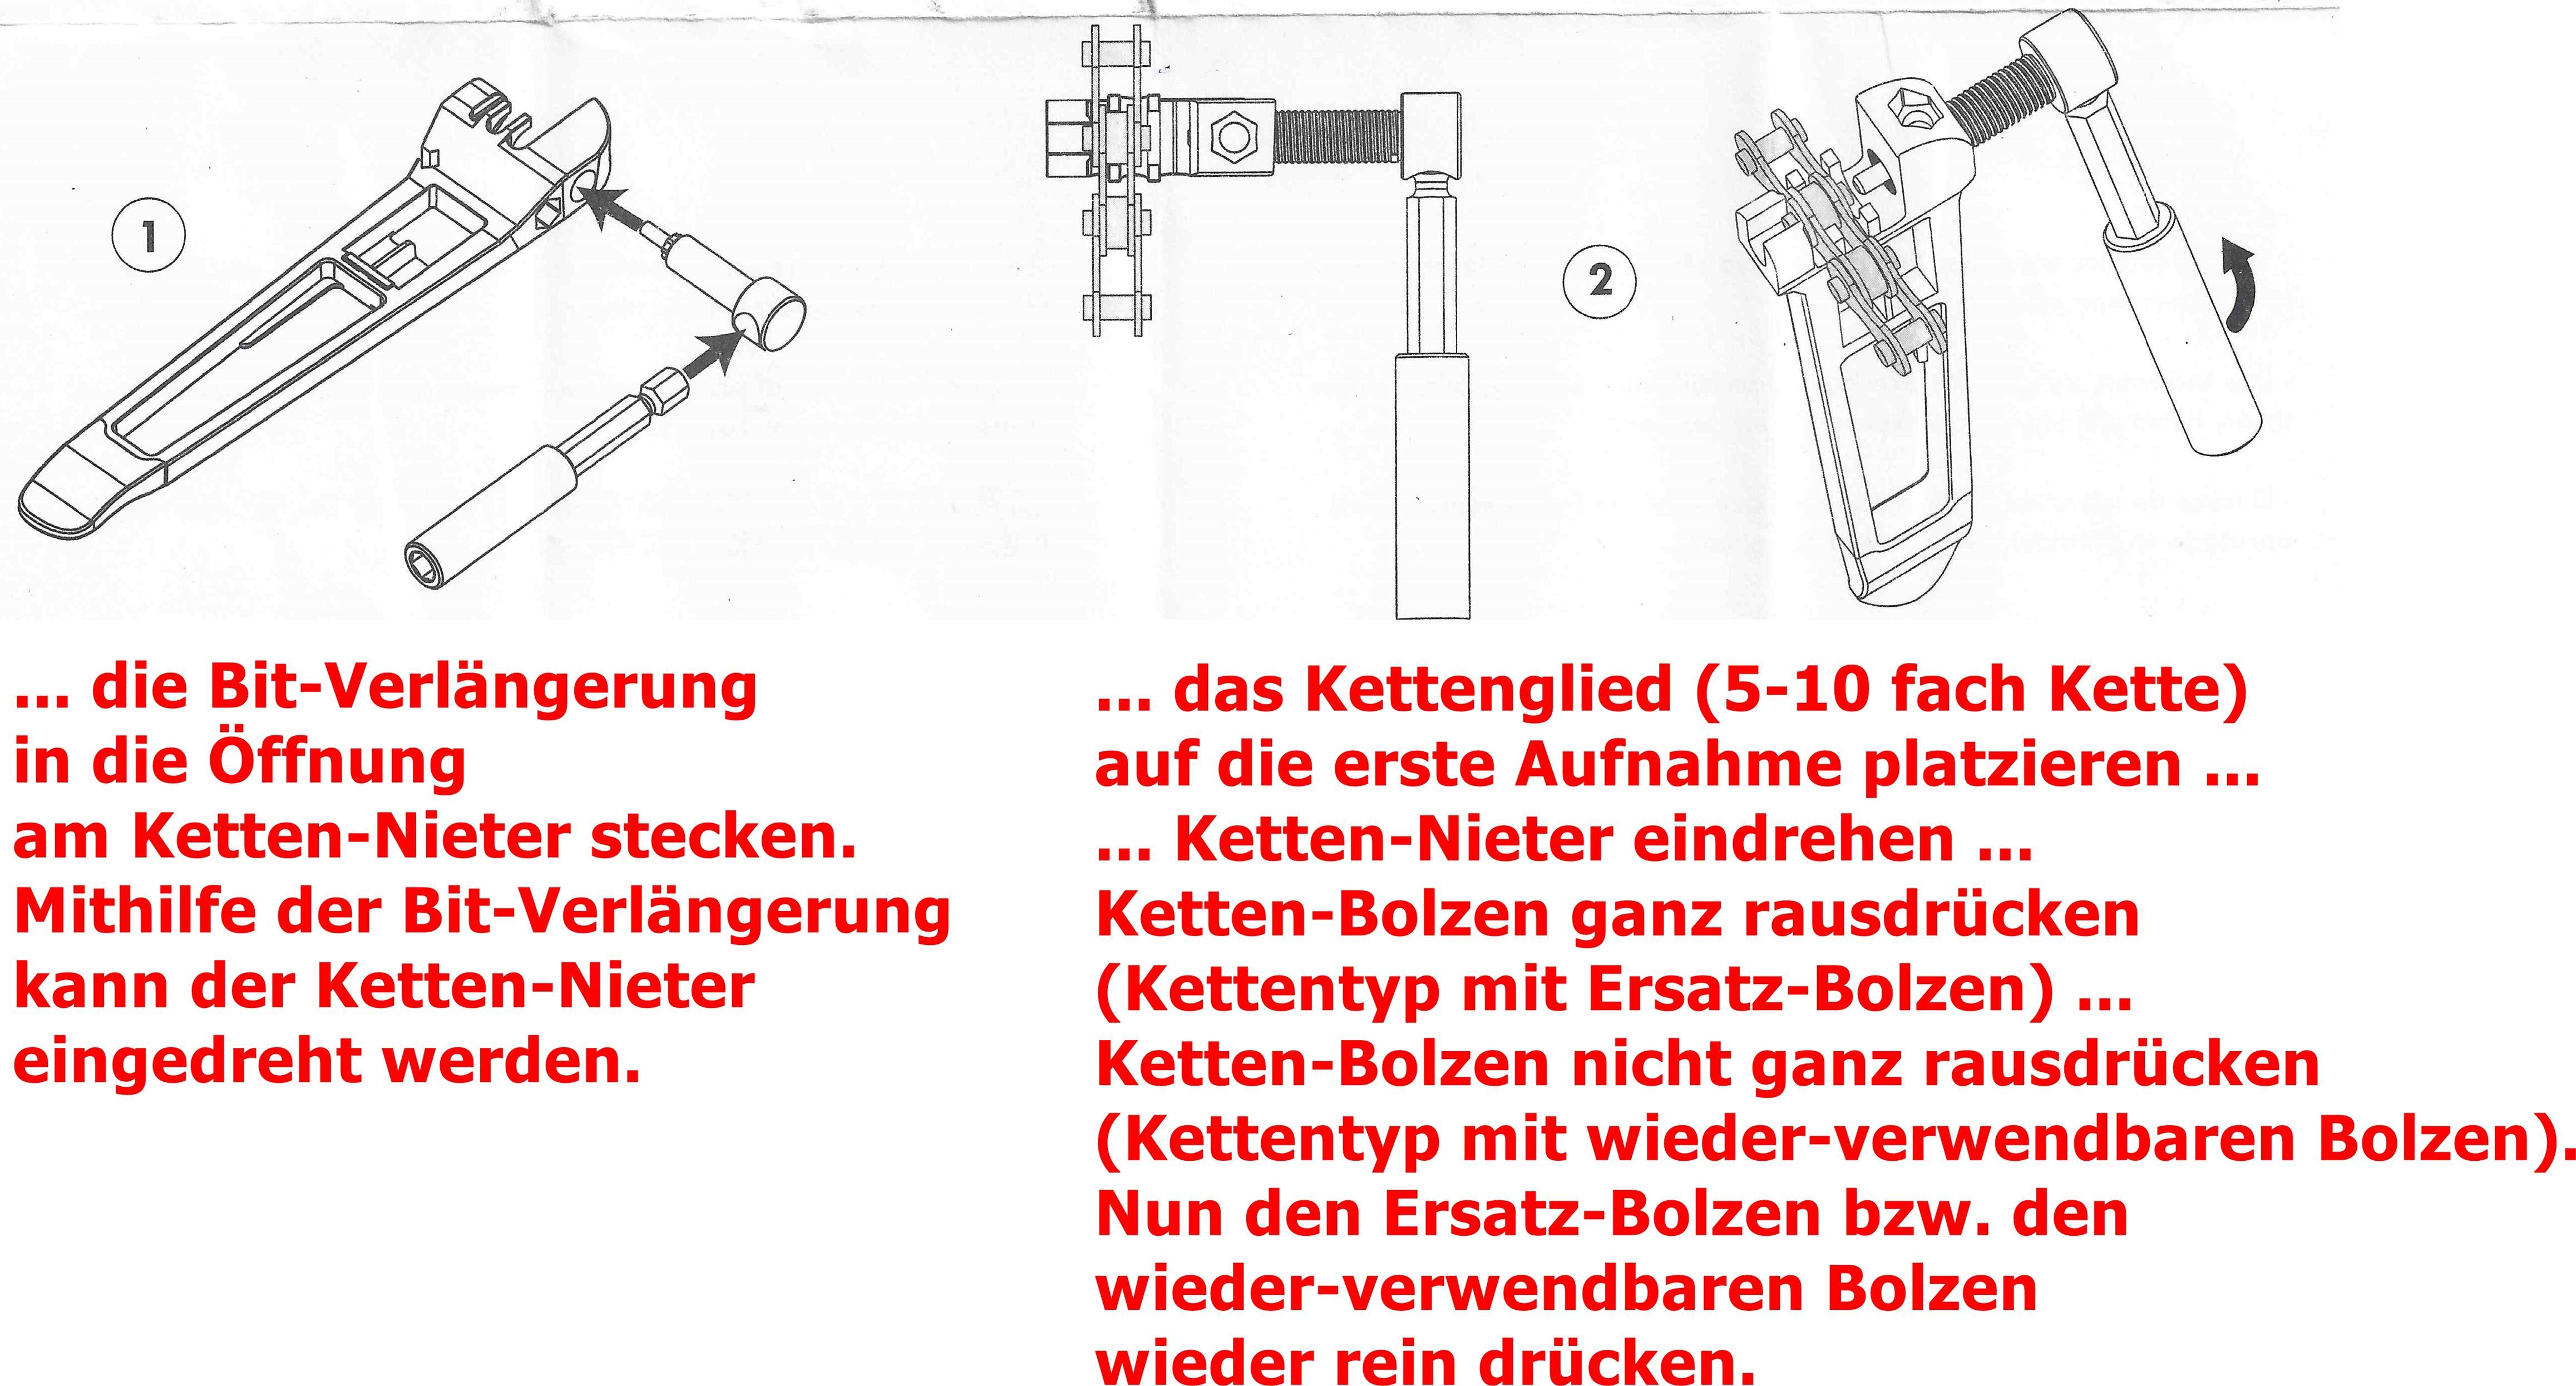 beschreibung_vorderseite_mitte_MIT-Copy